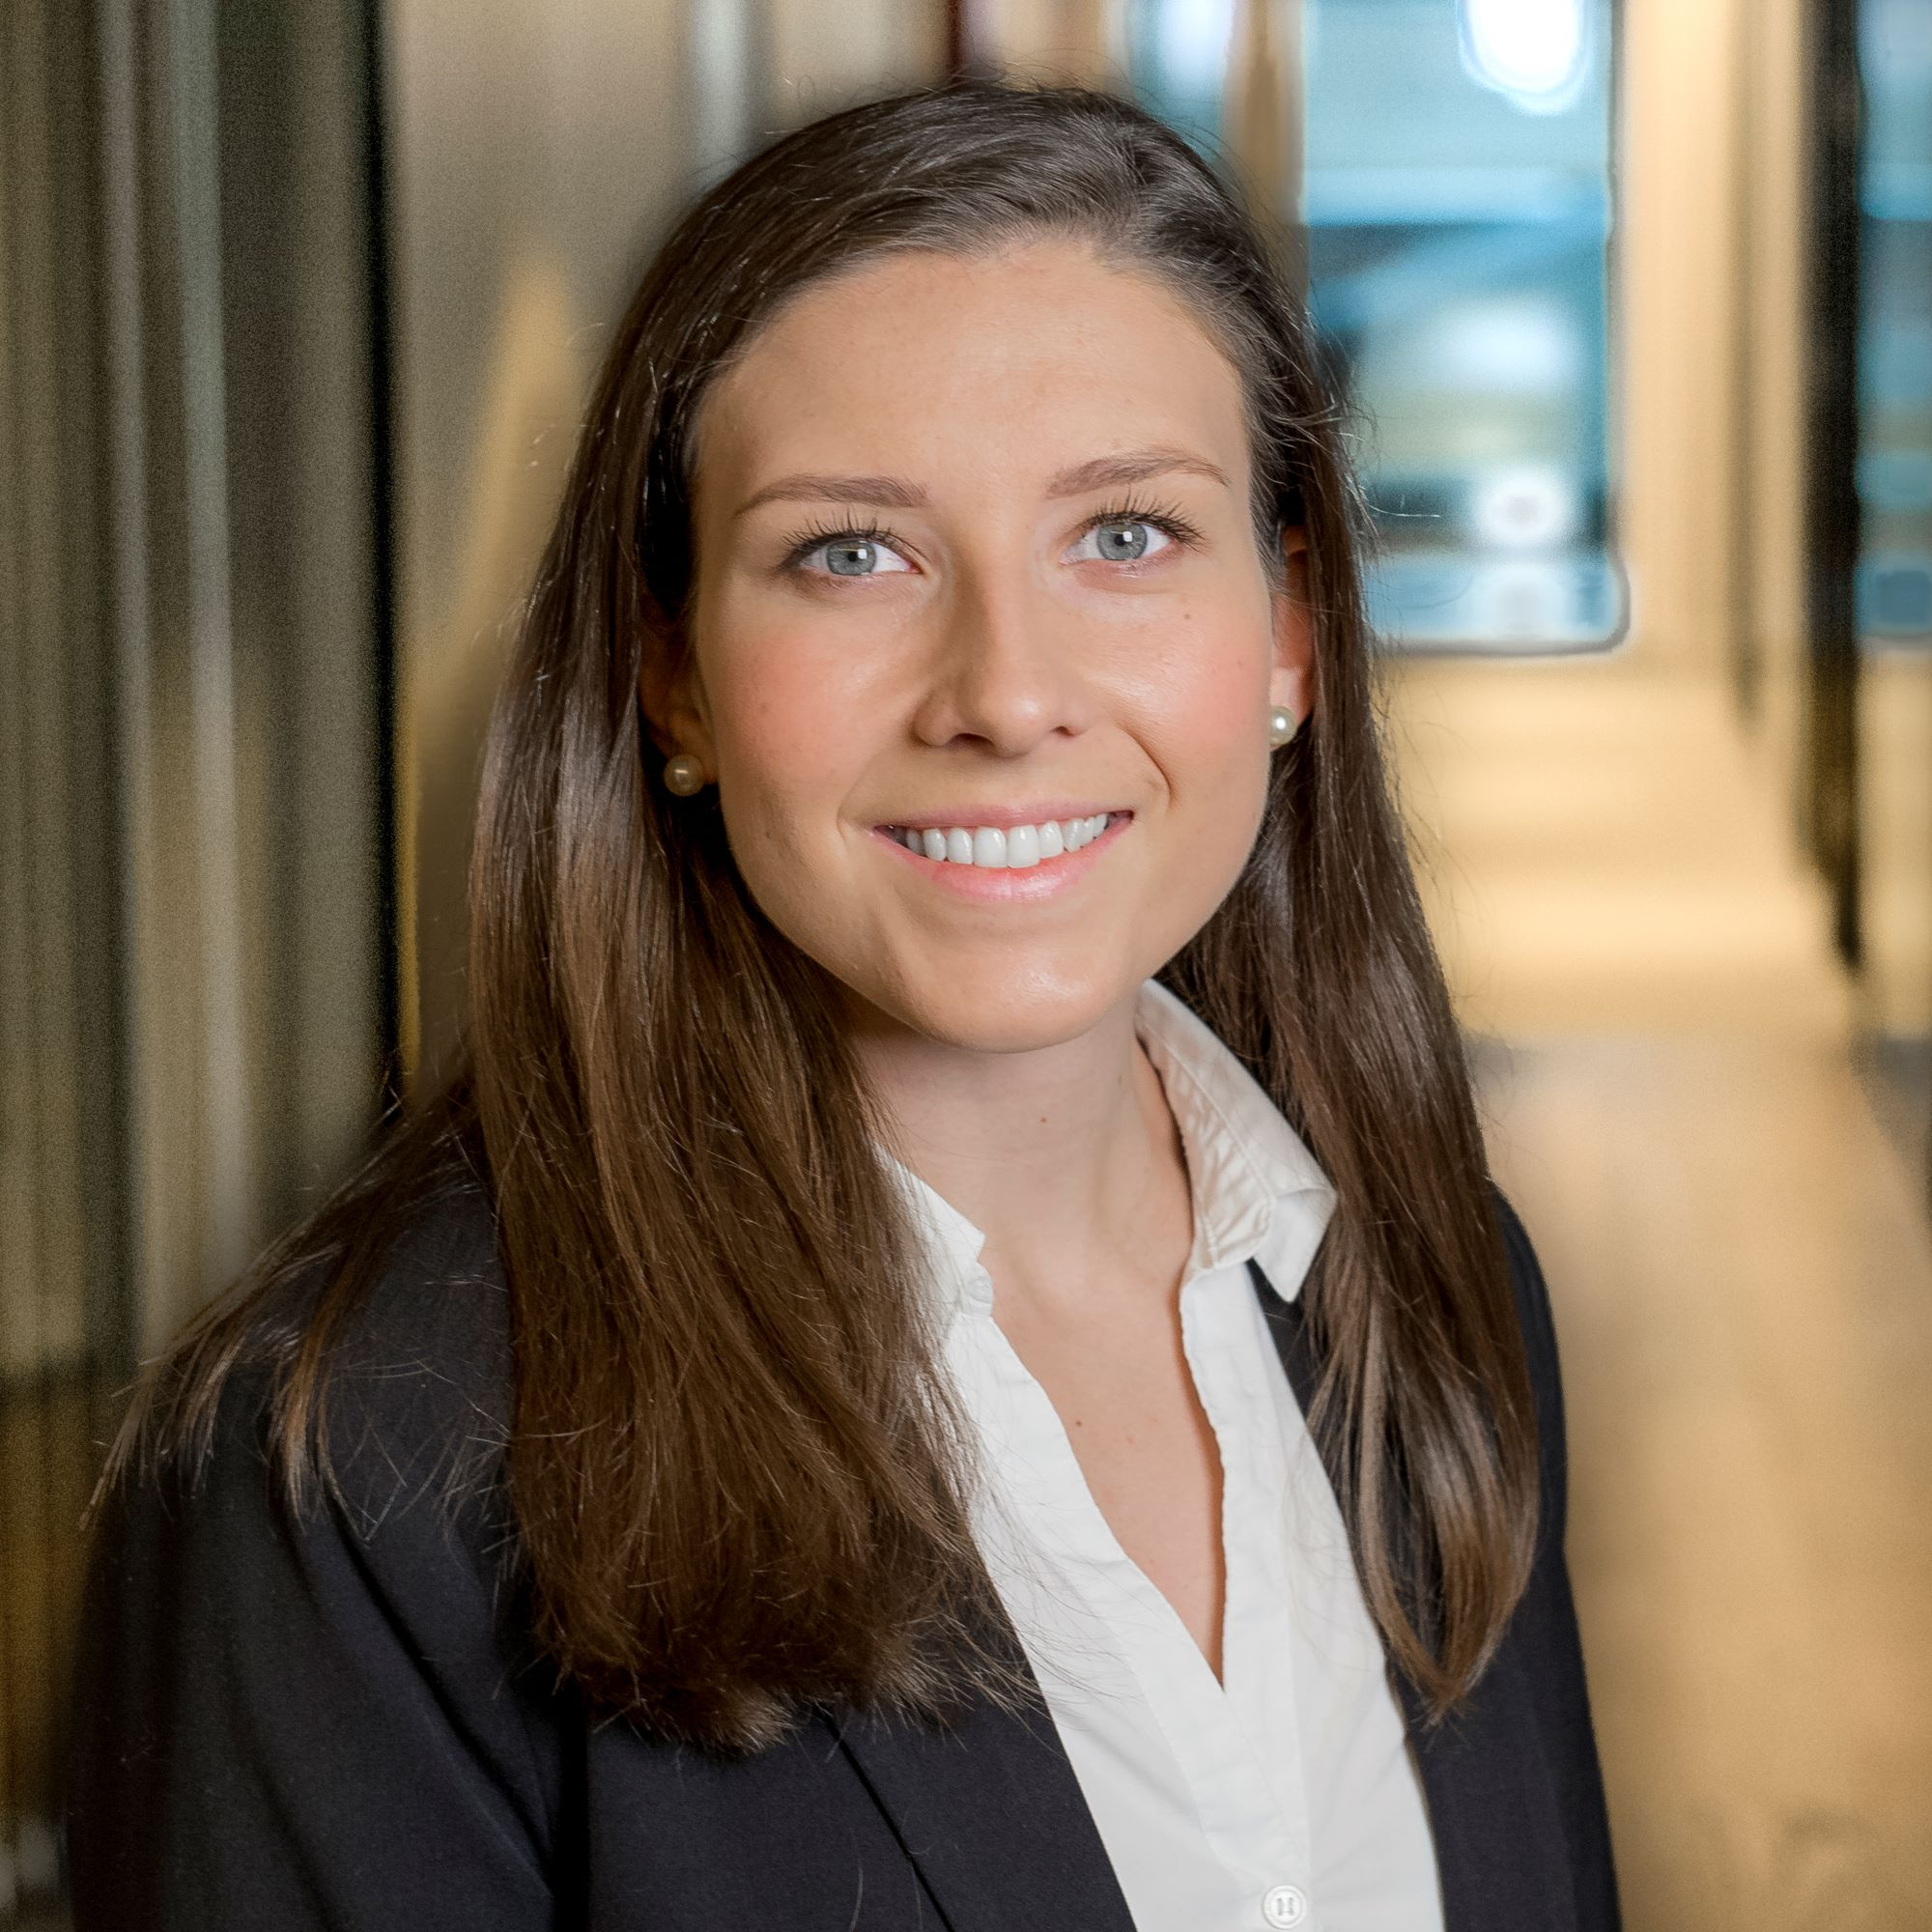 Hanne Fredriksen